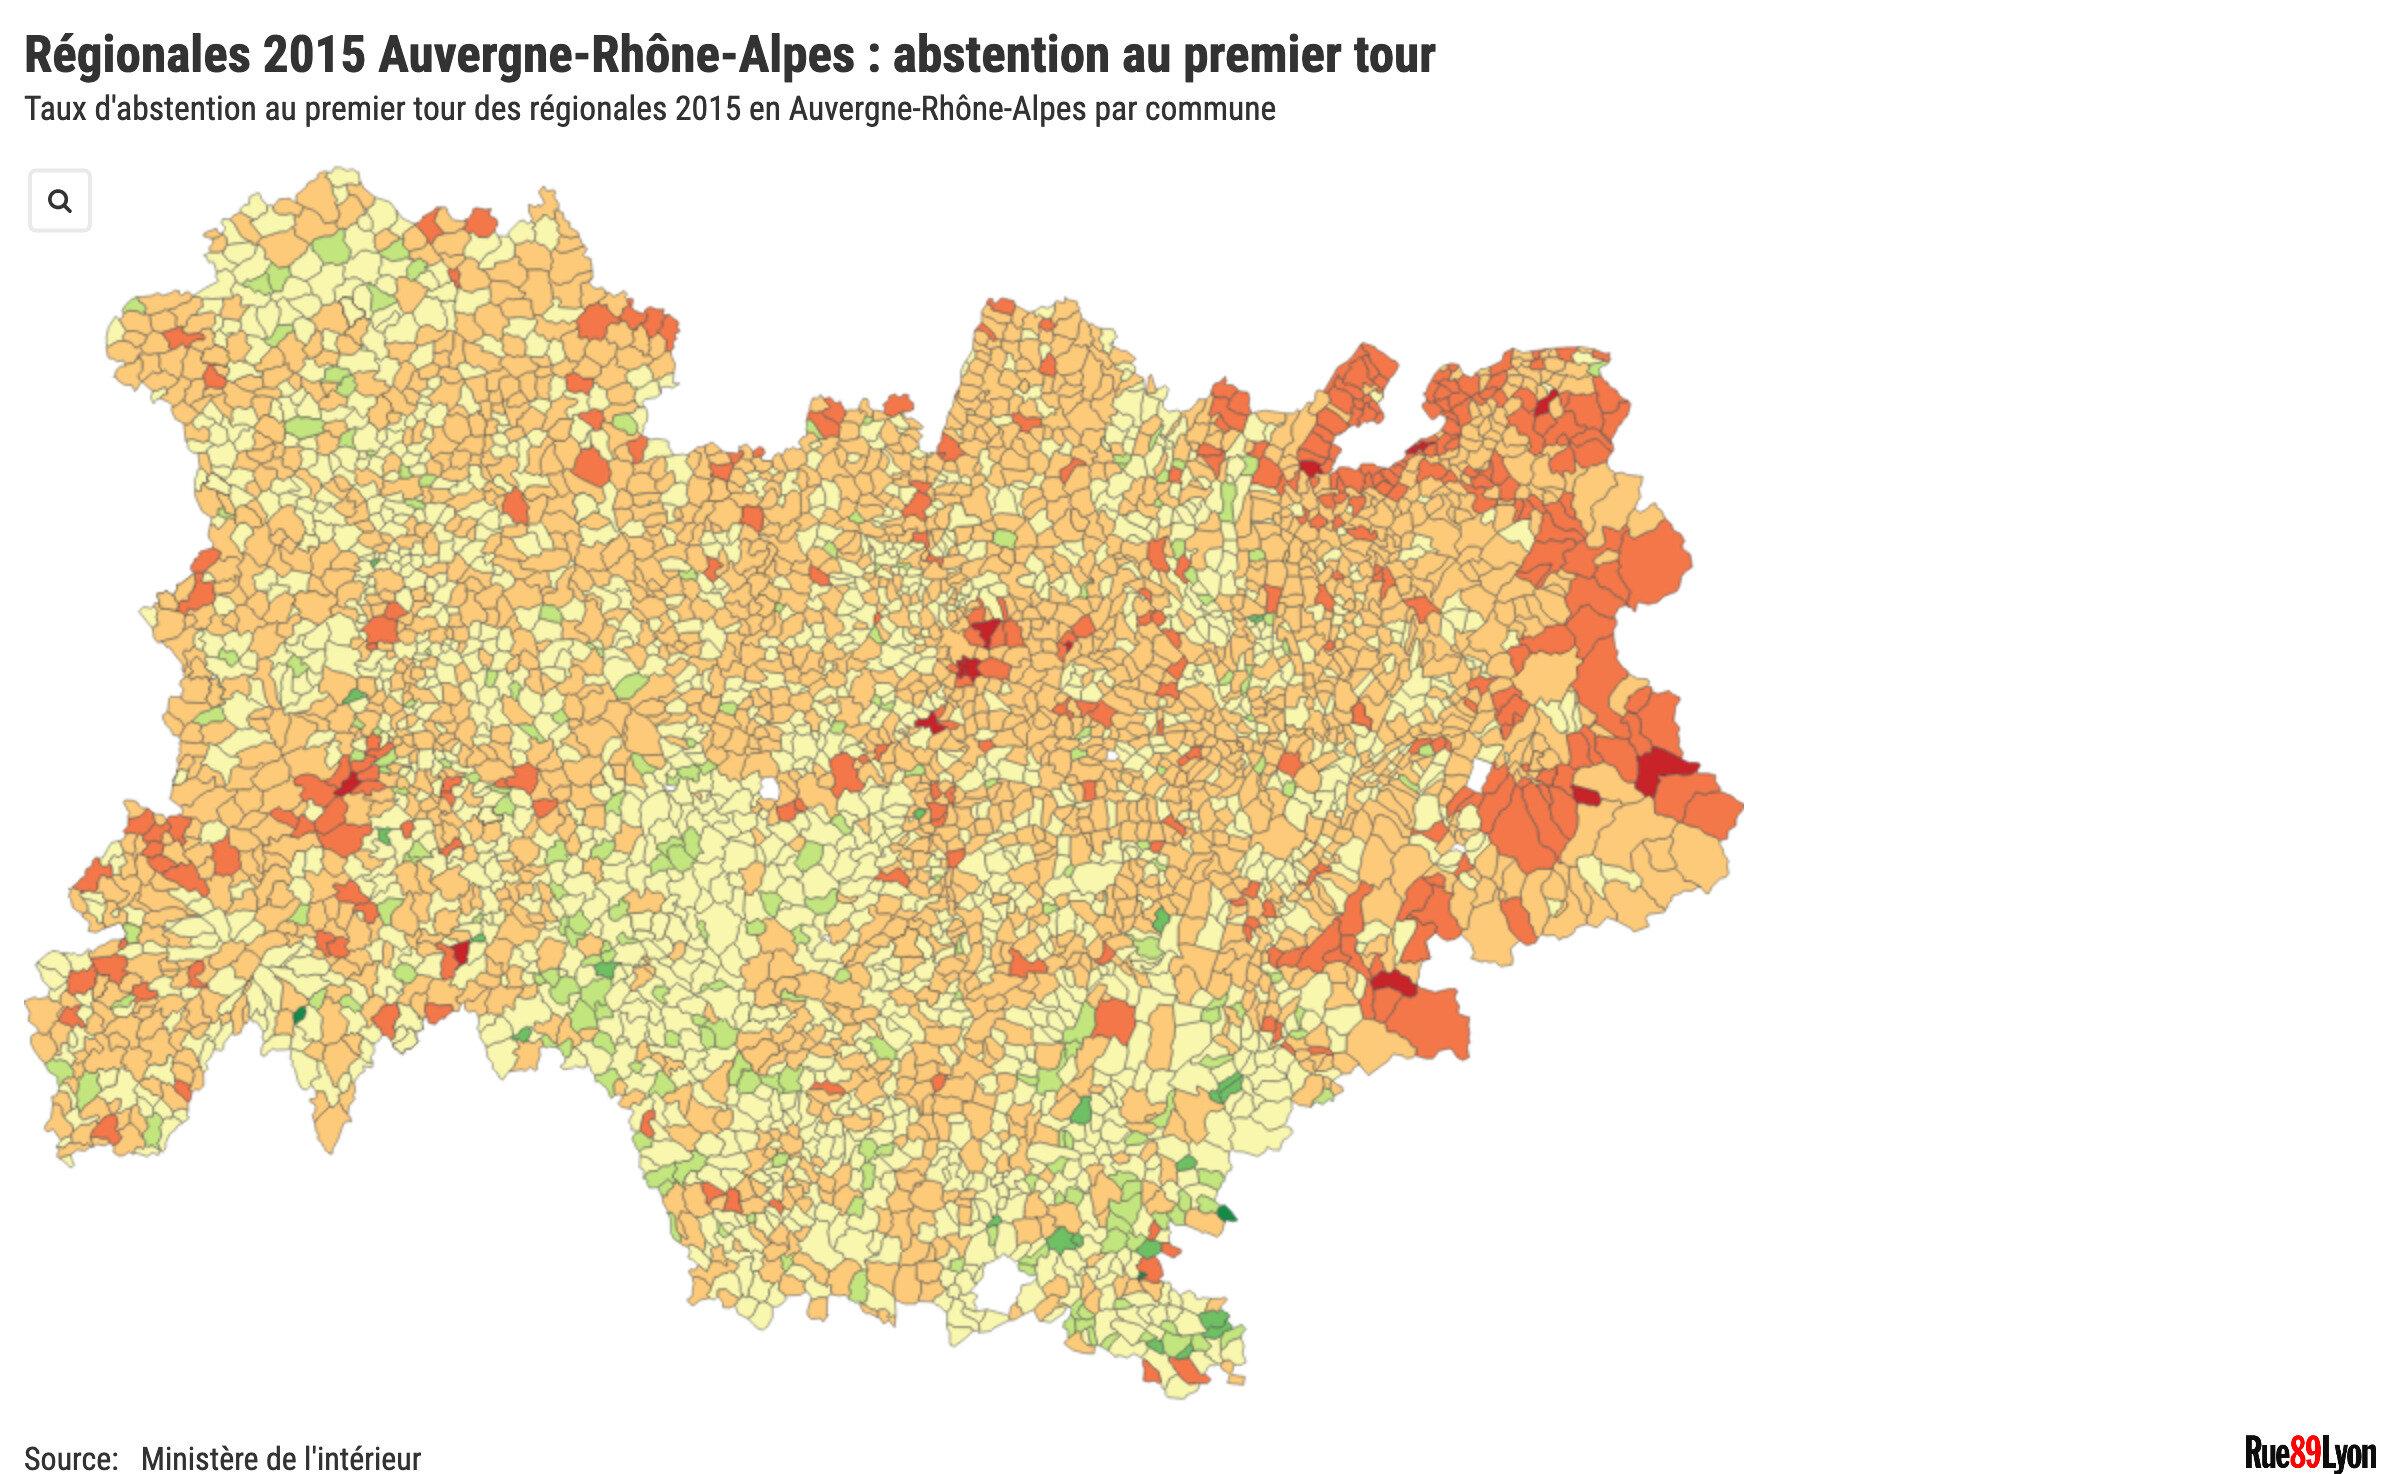 Abstention régionales Auvergne-Rhône-Alpes